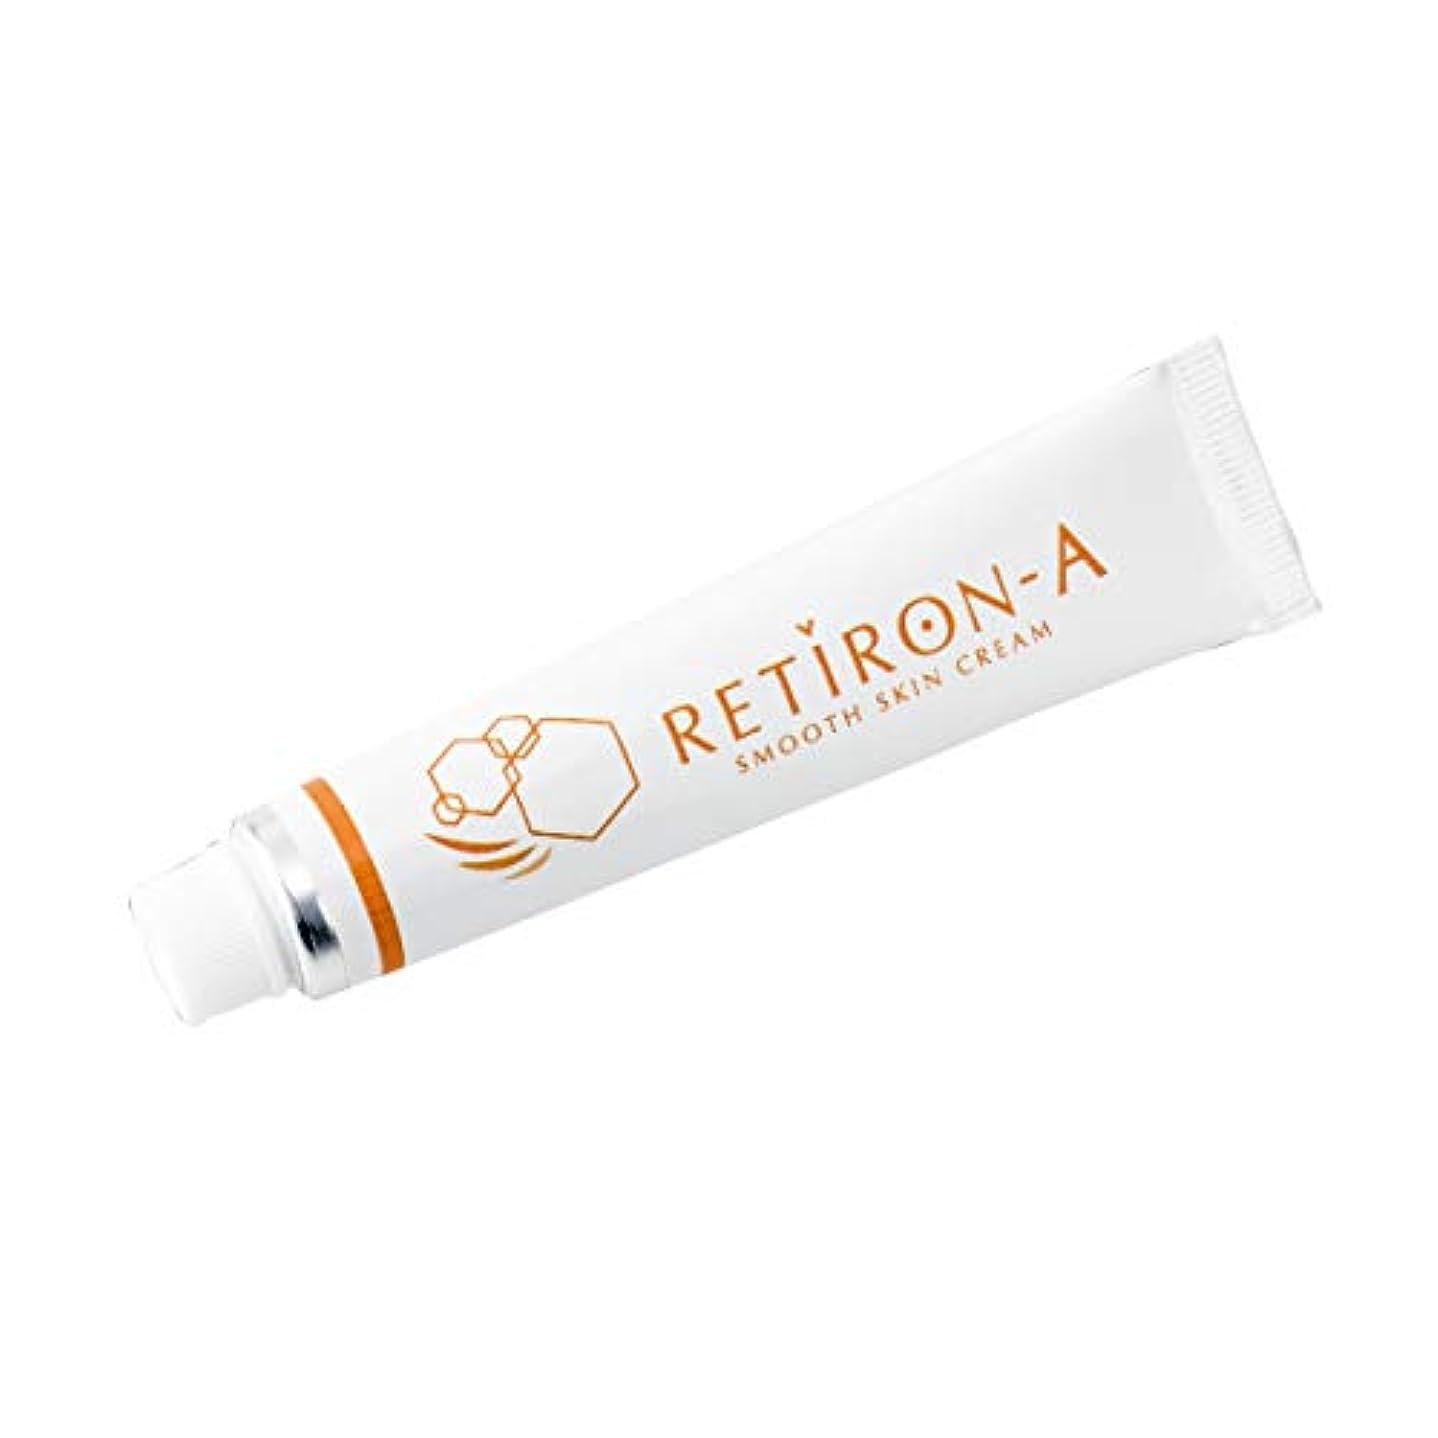 米国地震地震クリーム 化粧品 レチノール配合 レチロンA パラベンフリー